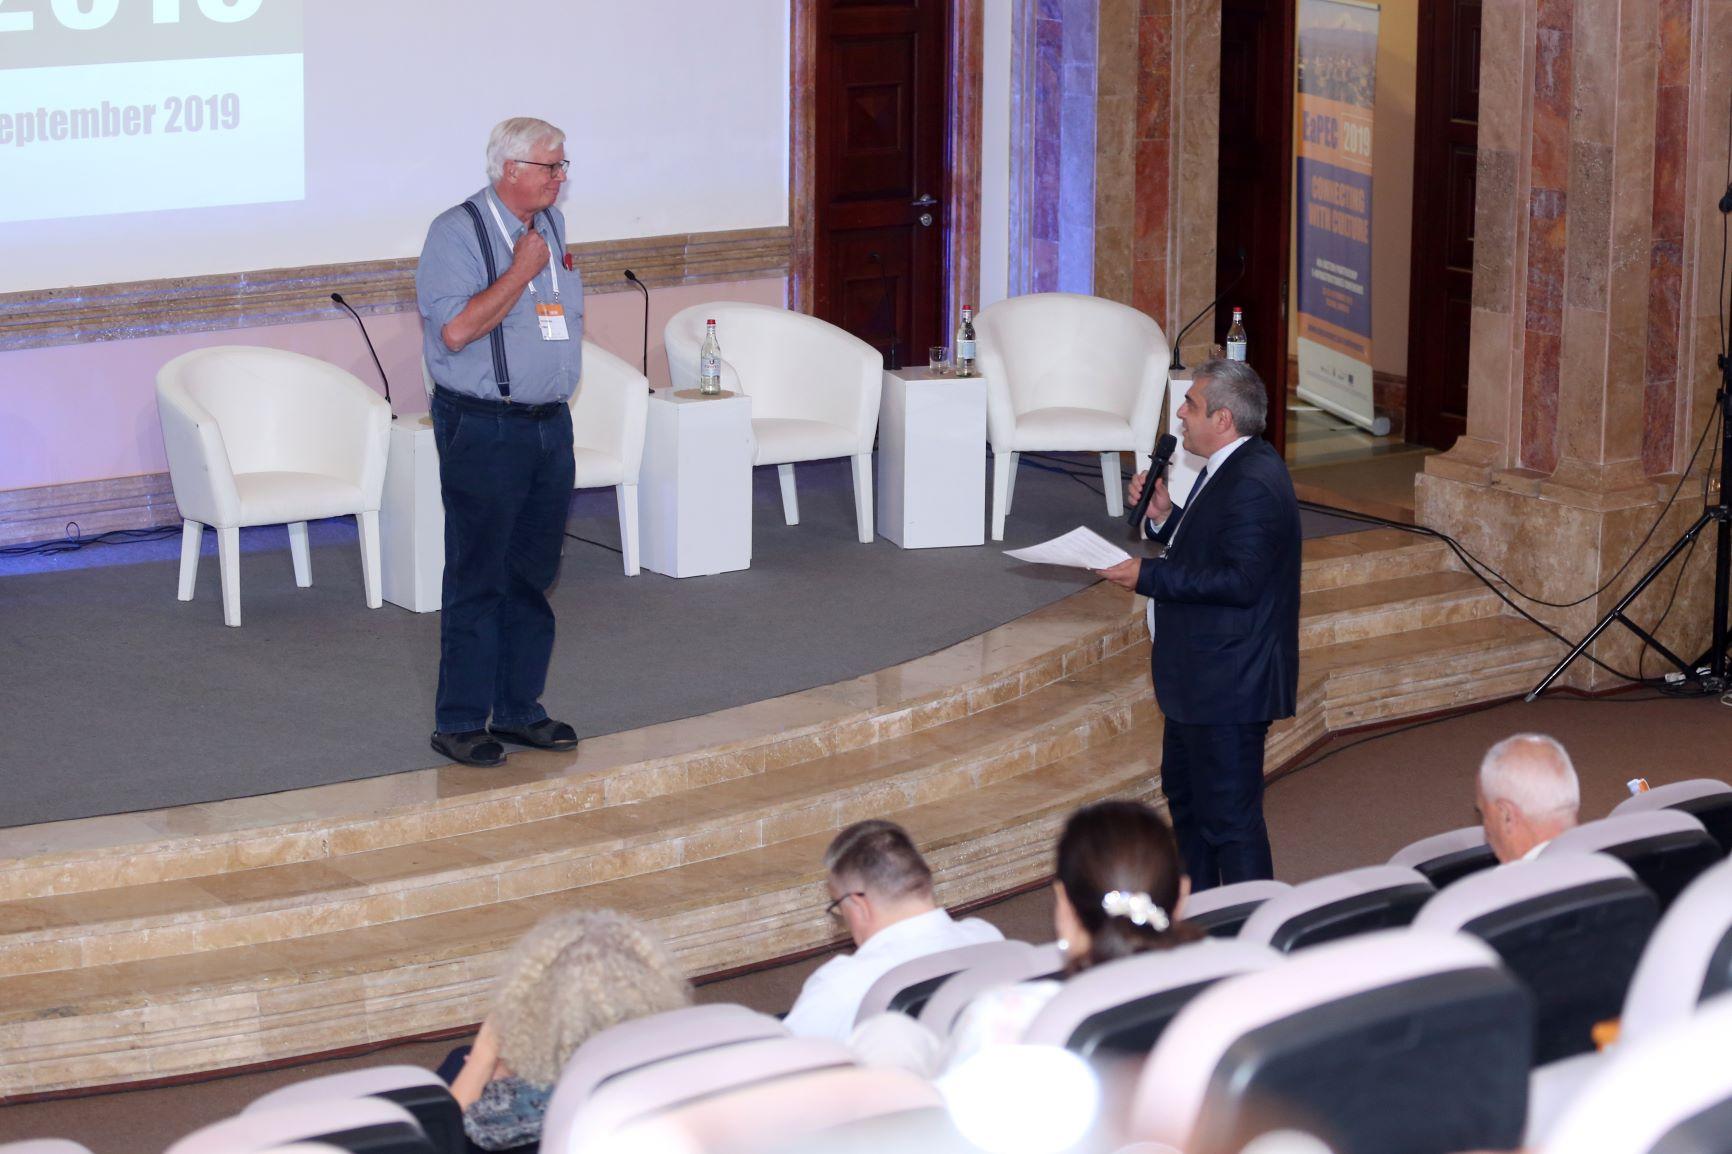 Стівен Кроуер з CLARIN відразу ж після презентації отримує пропозицію до співпраці від ASNET-AM